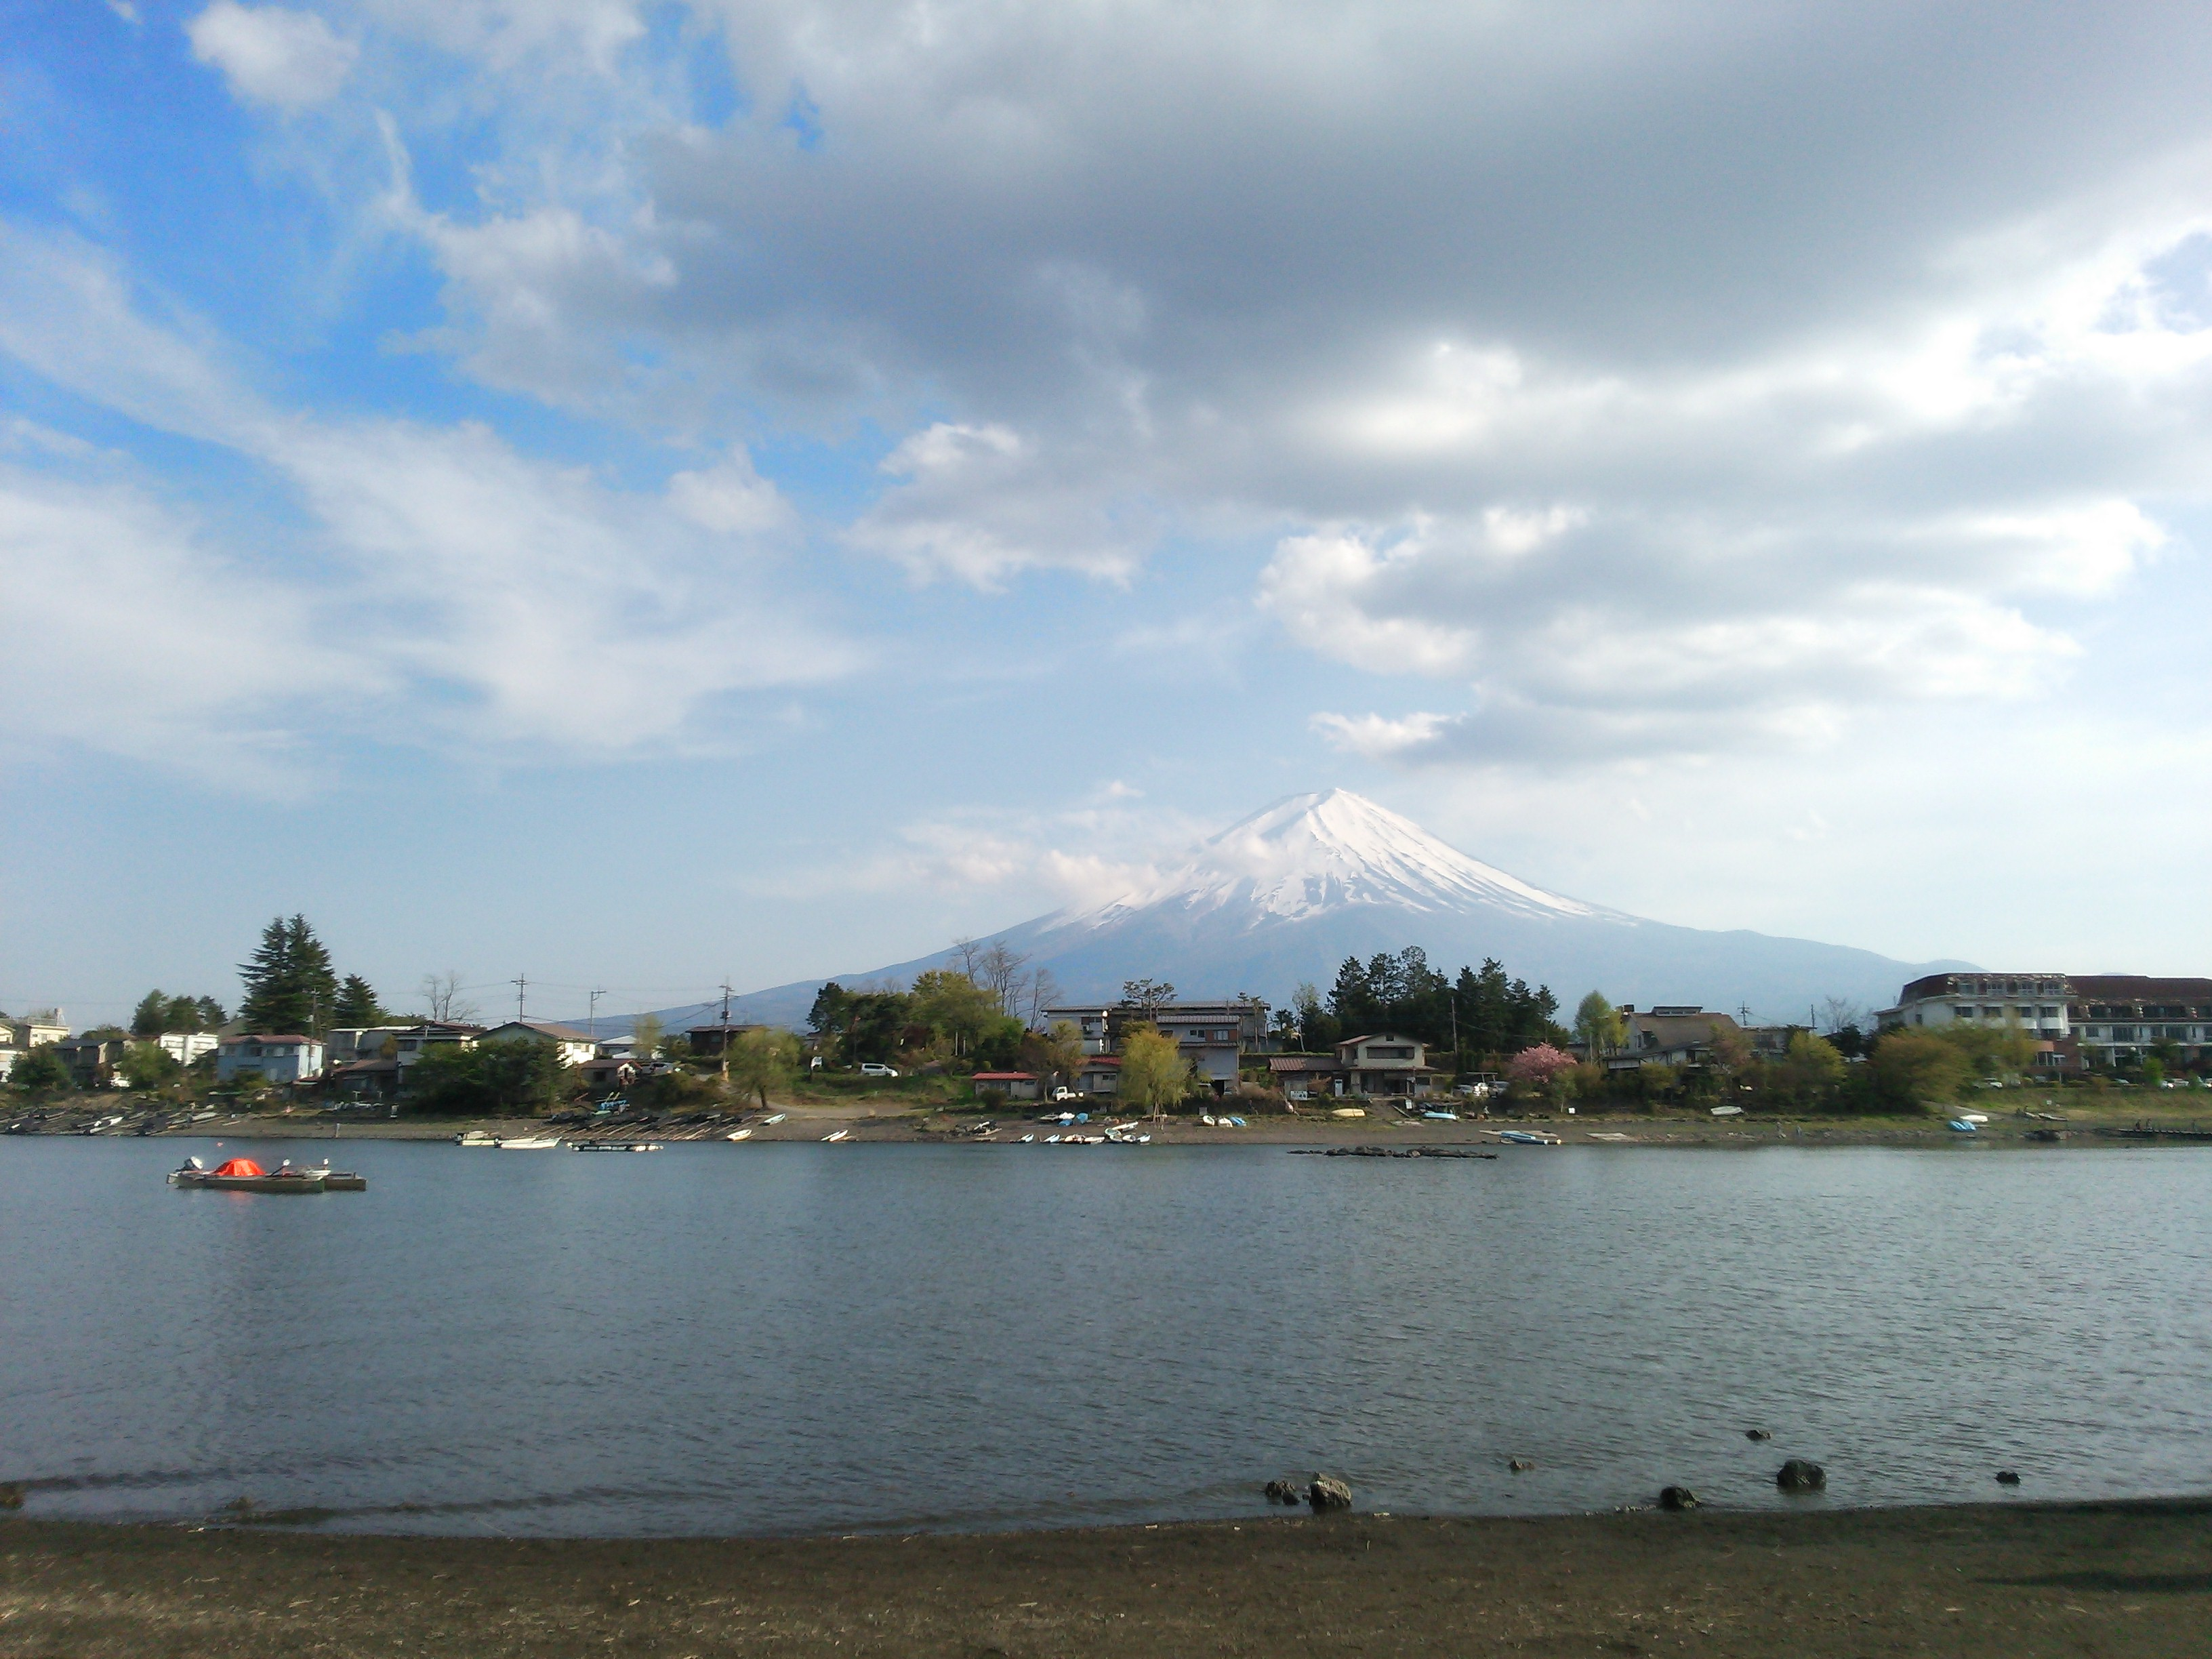 AQUOS PADで撮影した六角堂周辺から見える富士山